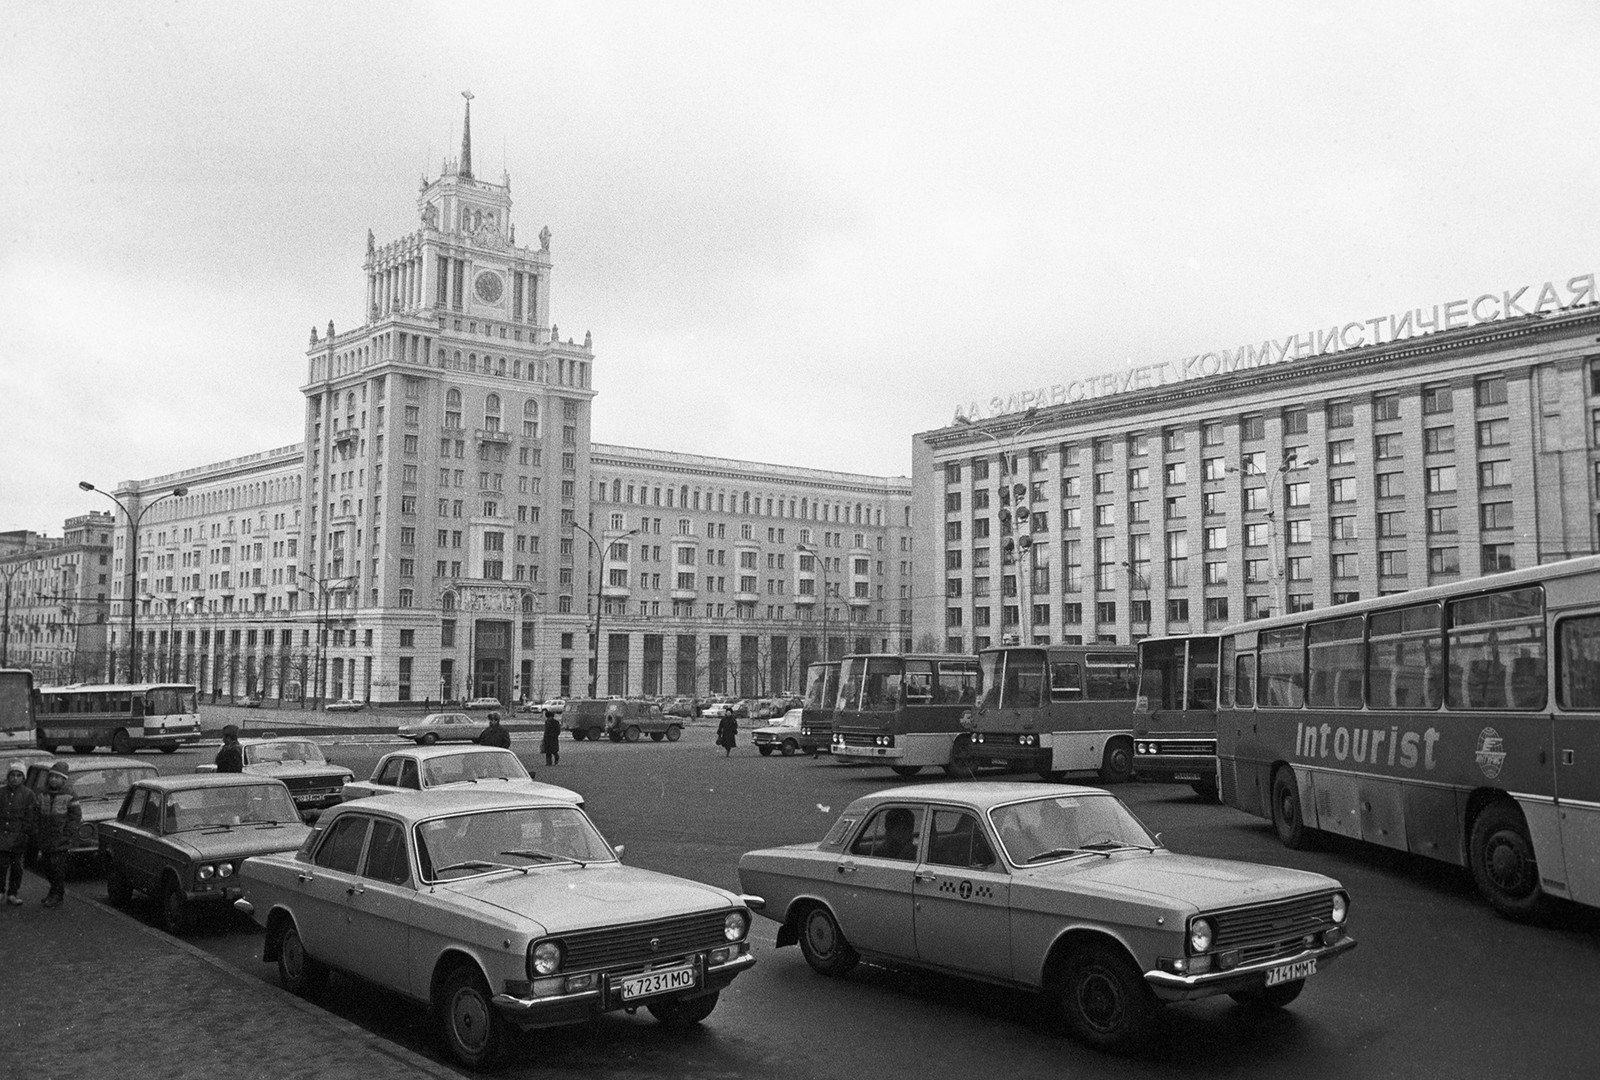 Pekin foi o ponto de encontro onde triplo agente passava fotos de projetos bélicos soviéticos à CIA. / Foto: RIA Nôvosti / Borís Prihodko